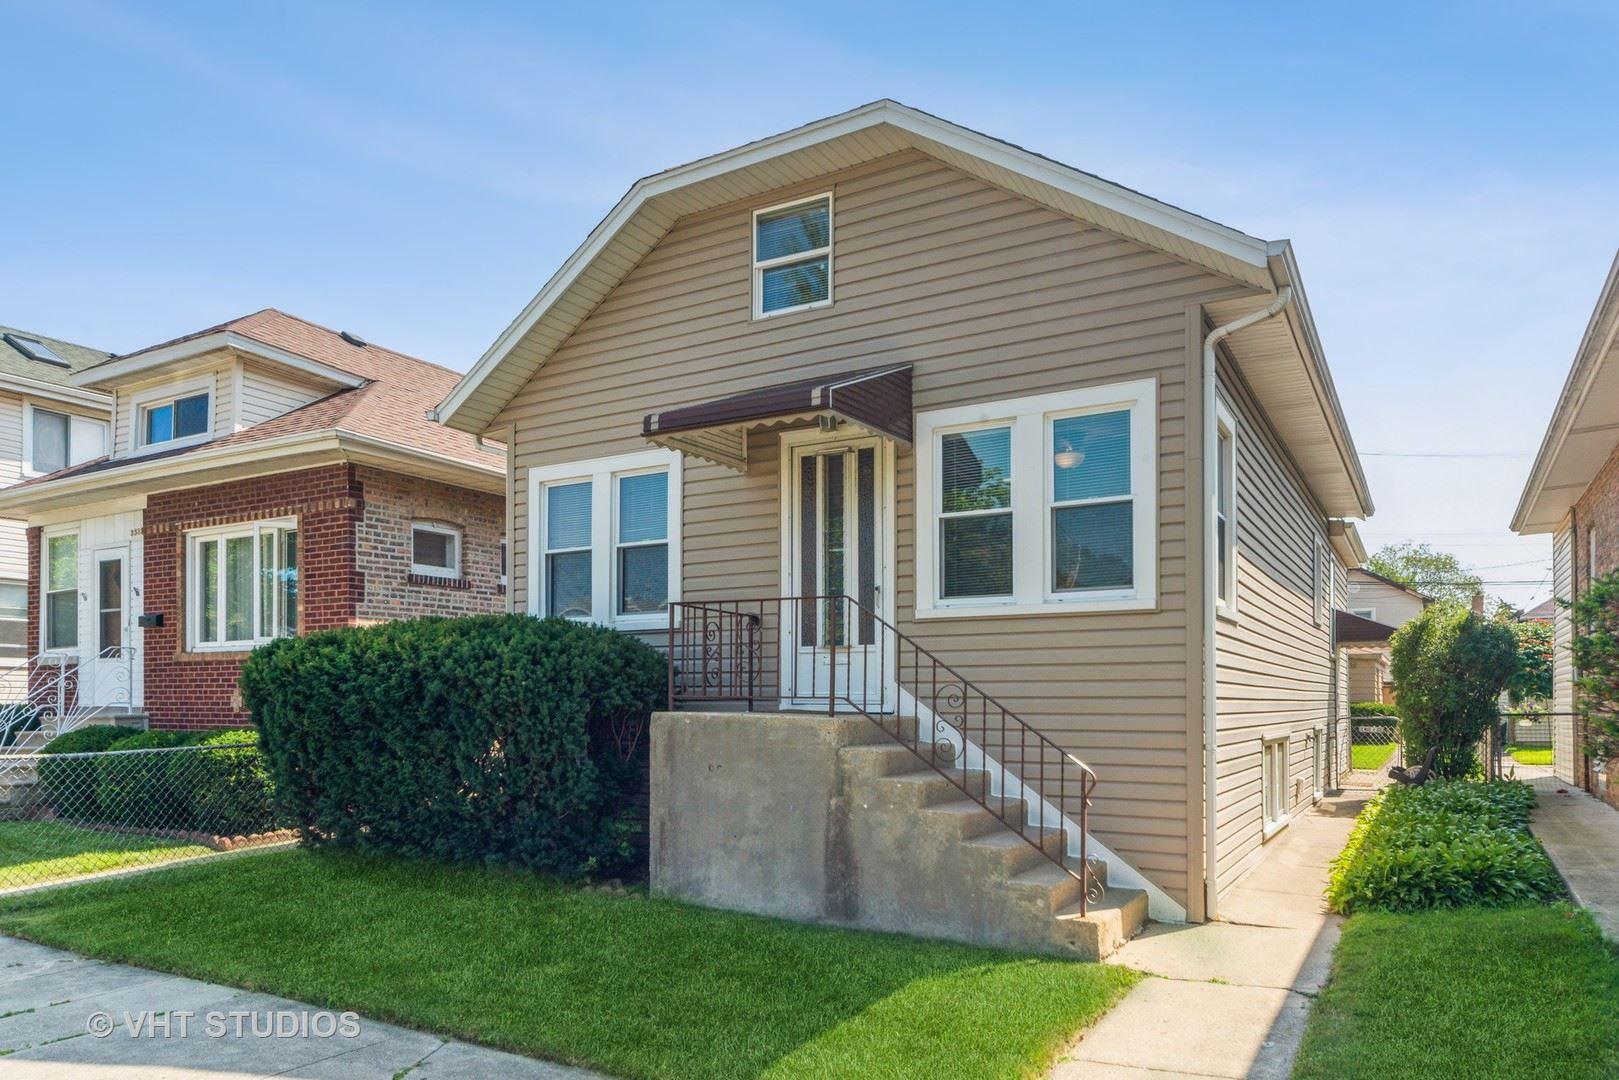 3529 N Olcott Avenue, Chicago, IL 60634 - #: 11179508